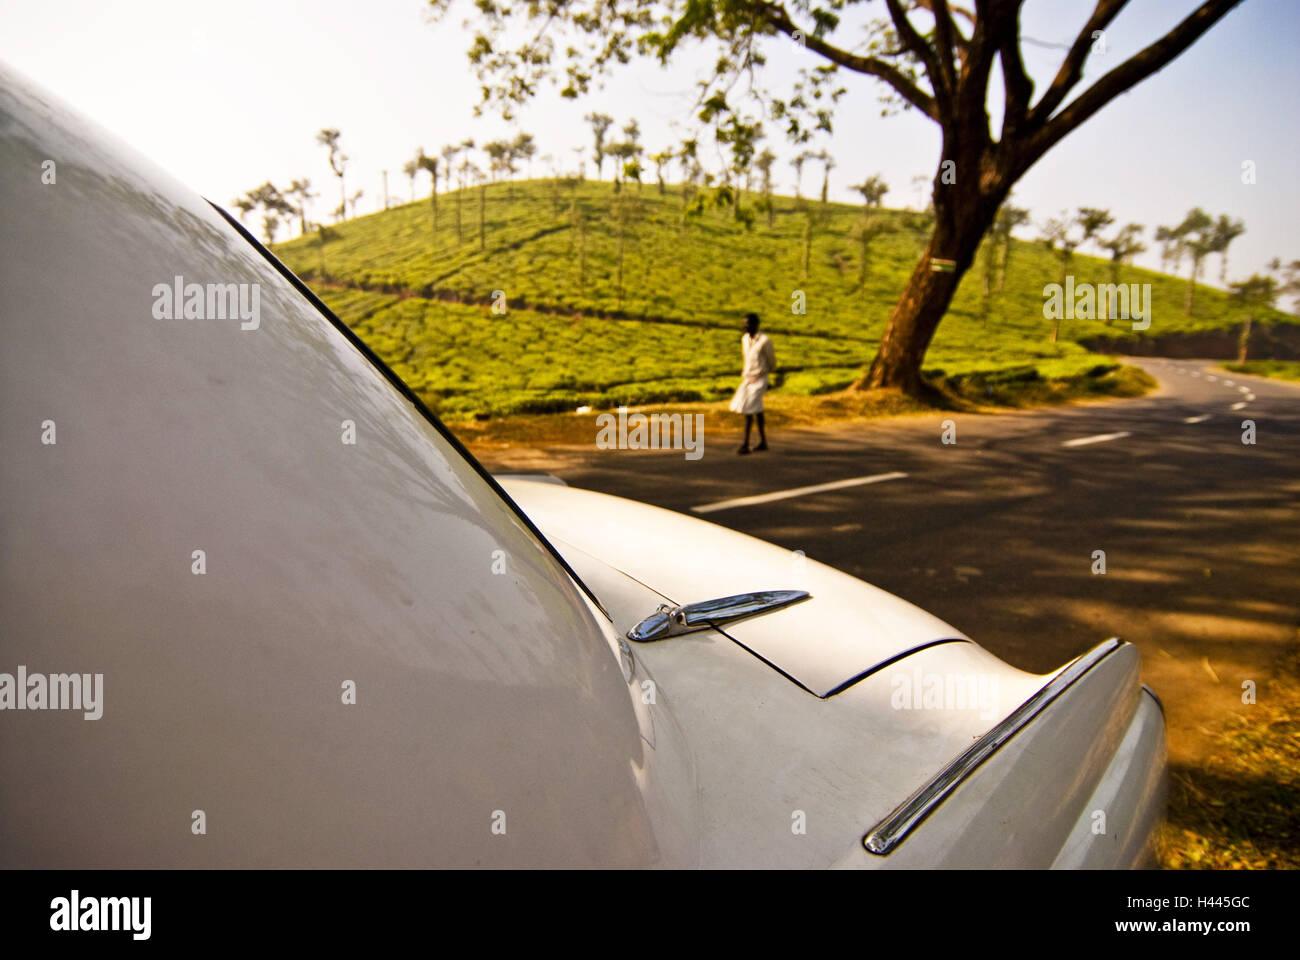 Street, car, Hindustan Ambassador, white, detail, - Stock Image